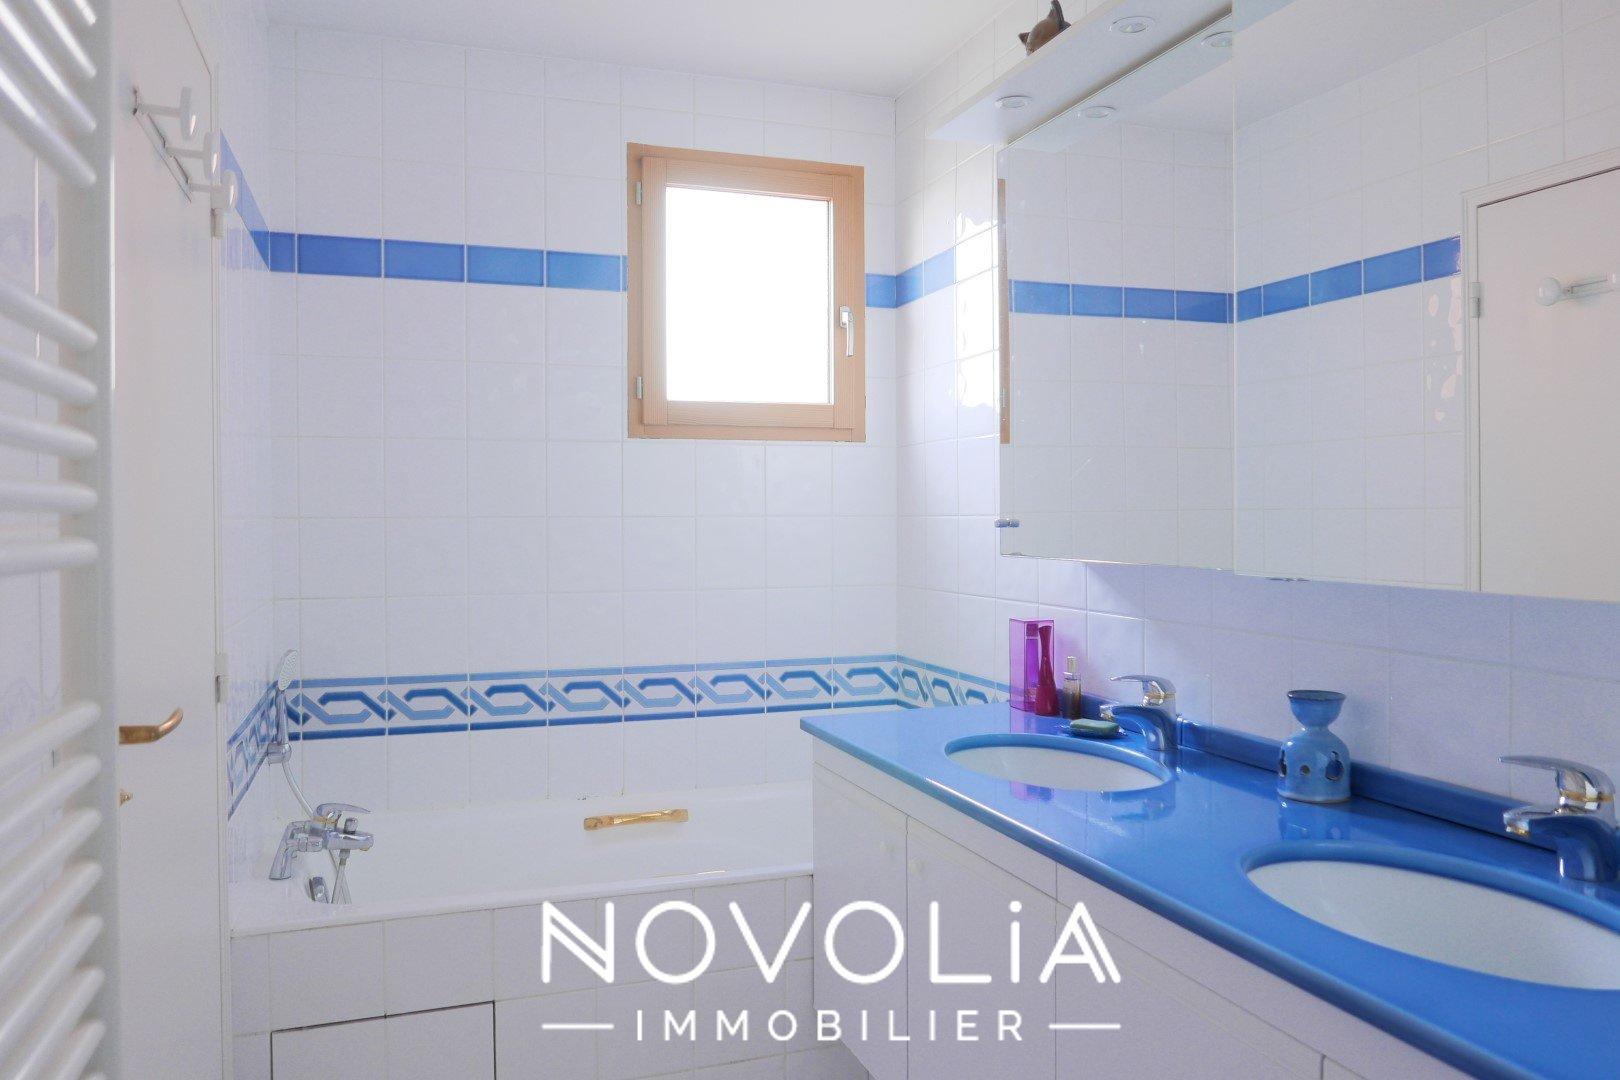 Achat Appartement, Surface de 128.19 m²/ Total carrez : 128.19 m², 4 pièces, Villeurbanne (69100)